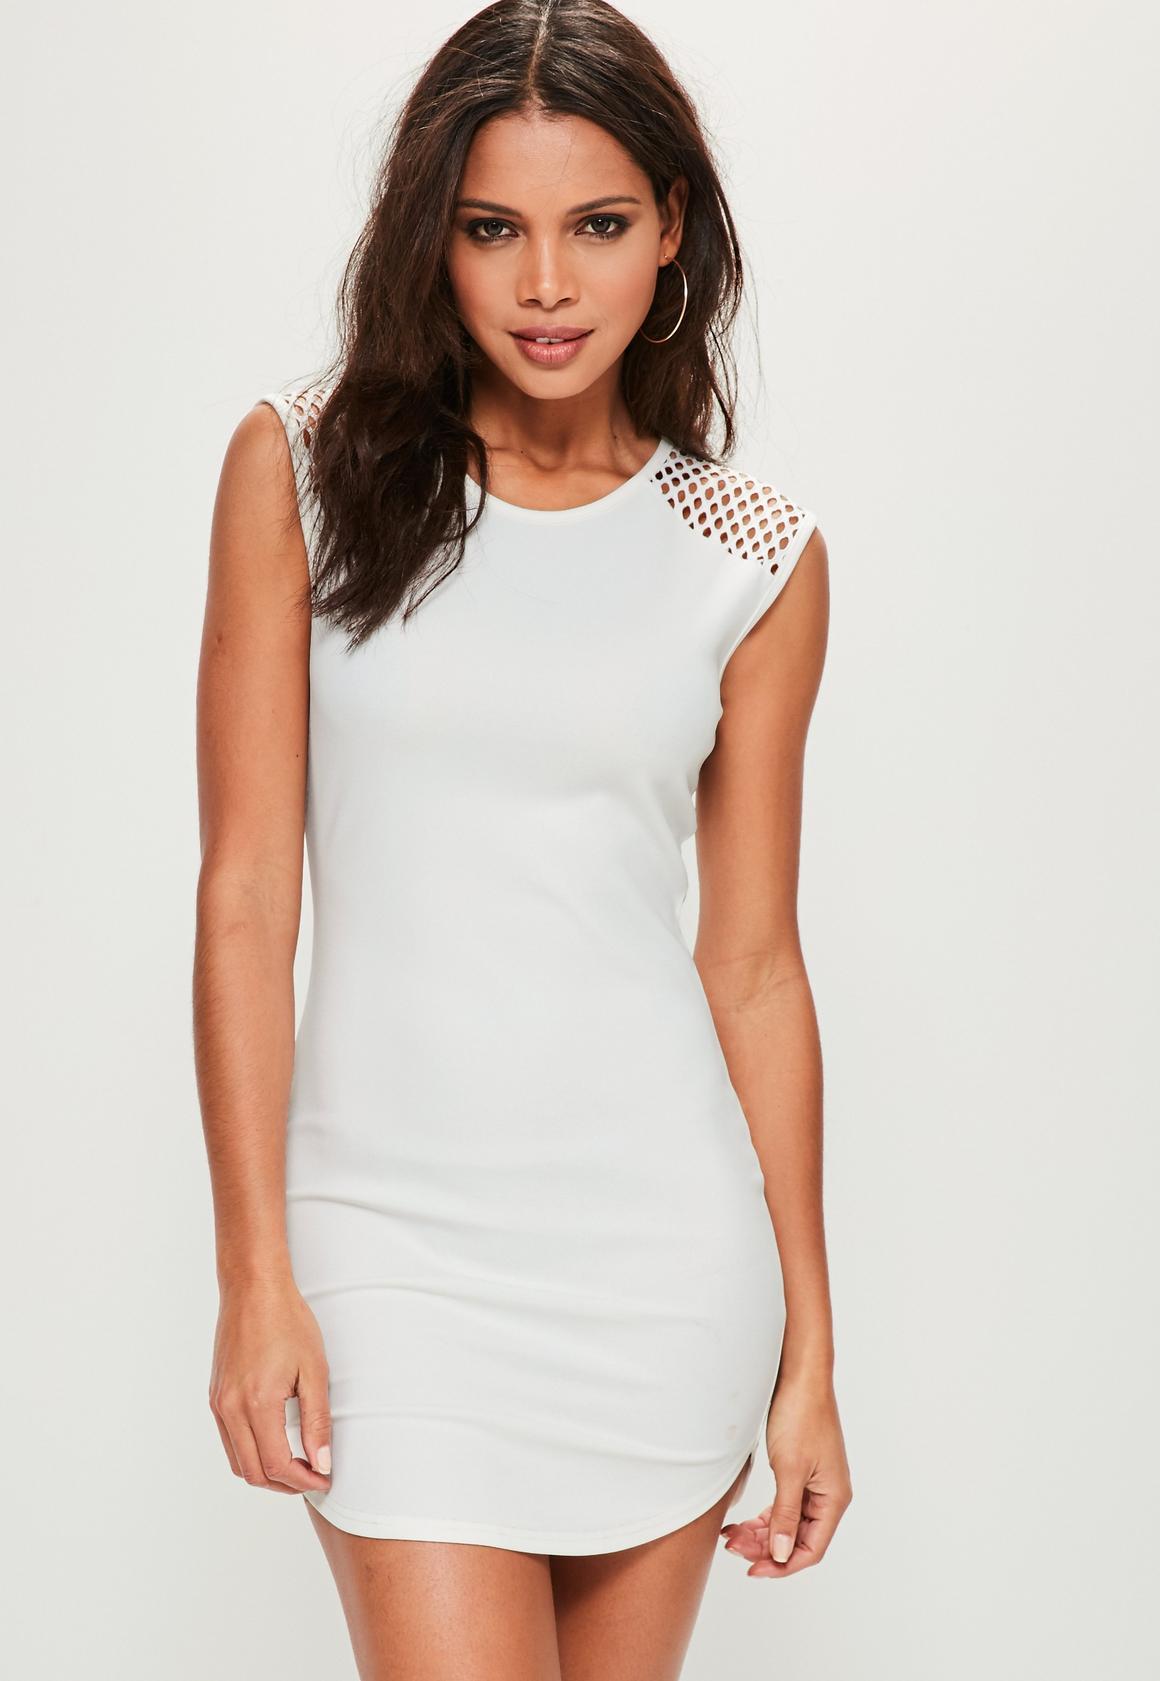 White Fishnet Short Sleeve Bodycon Dress - Missguided